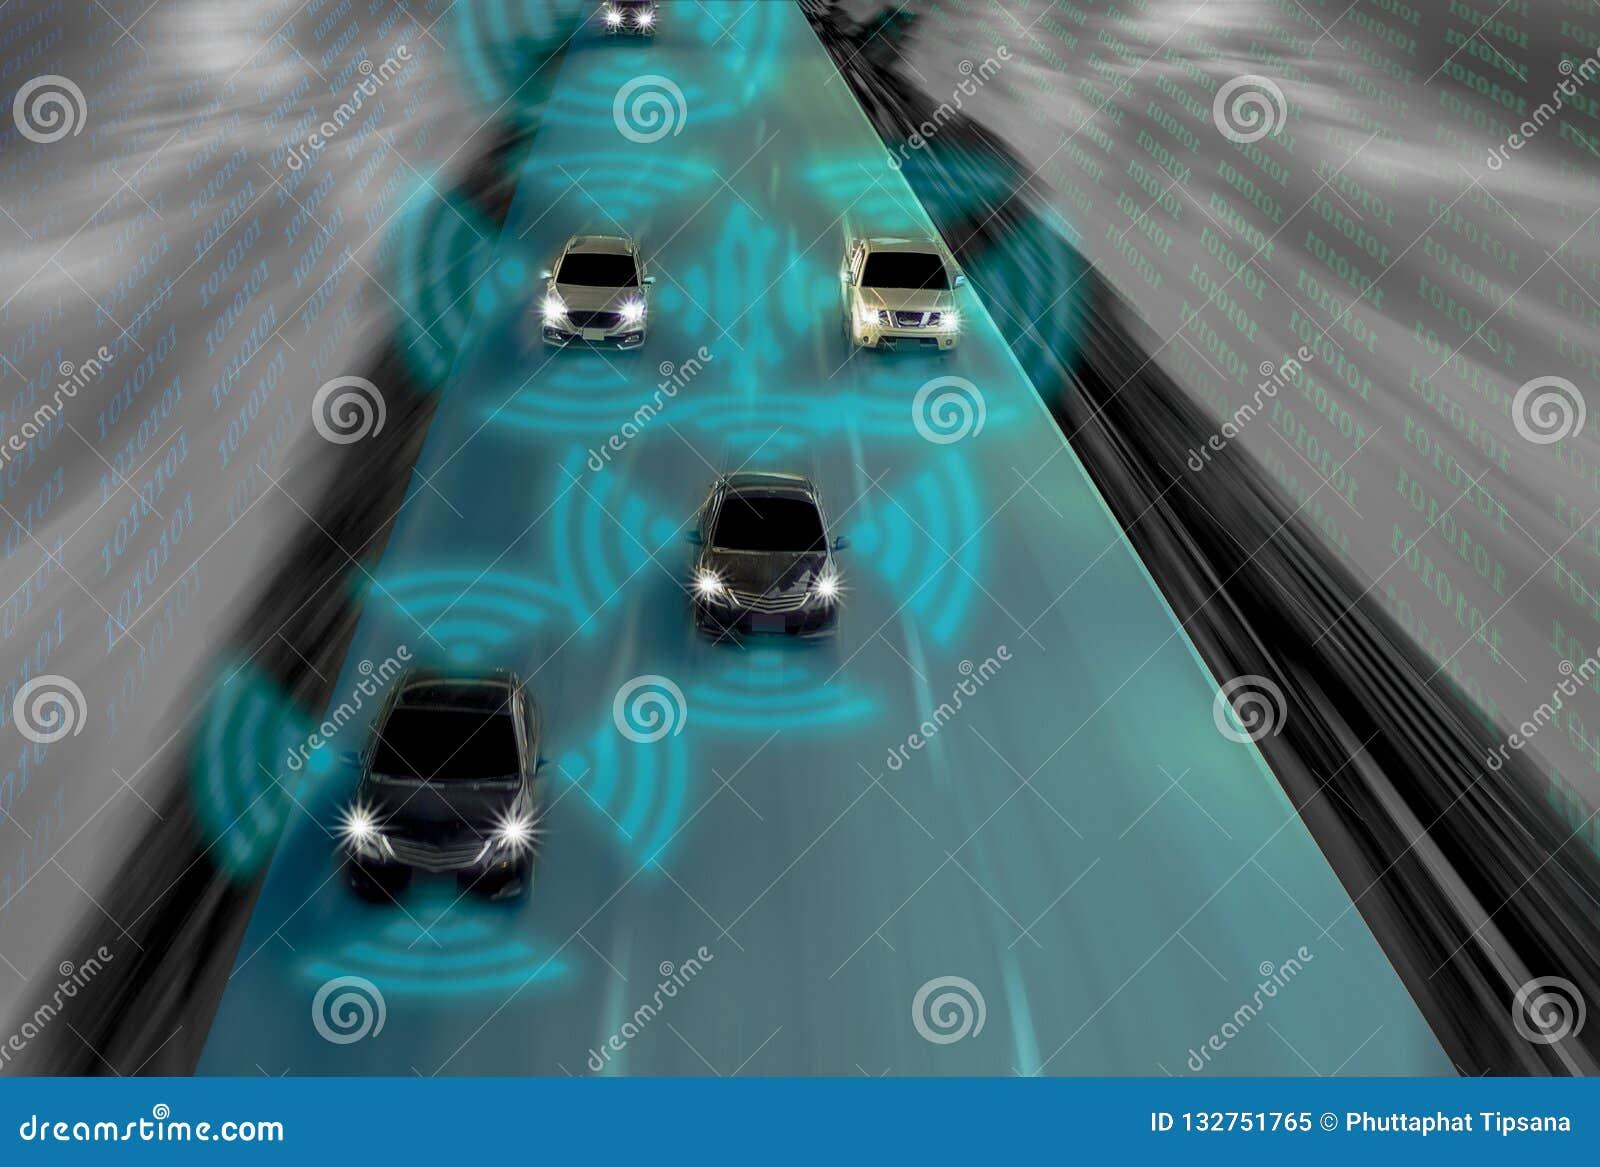 天才未来派路驾驶汽车,艺术的聪明的自已的